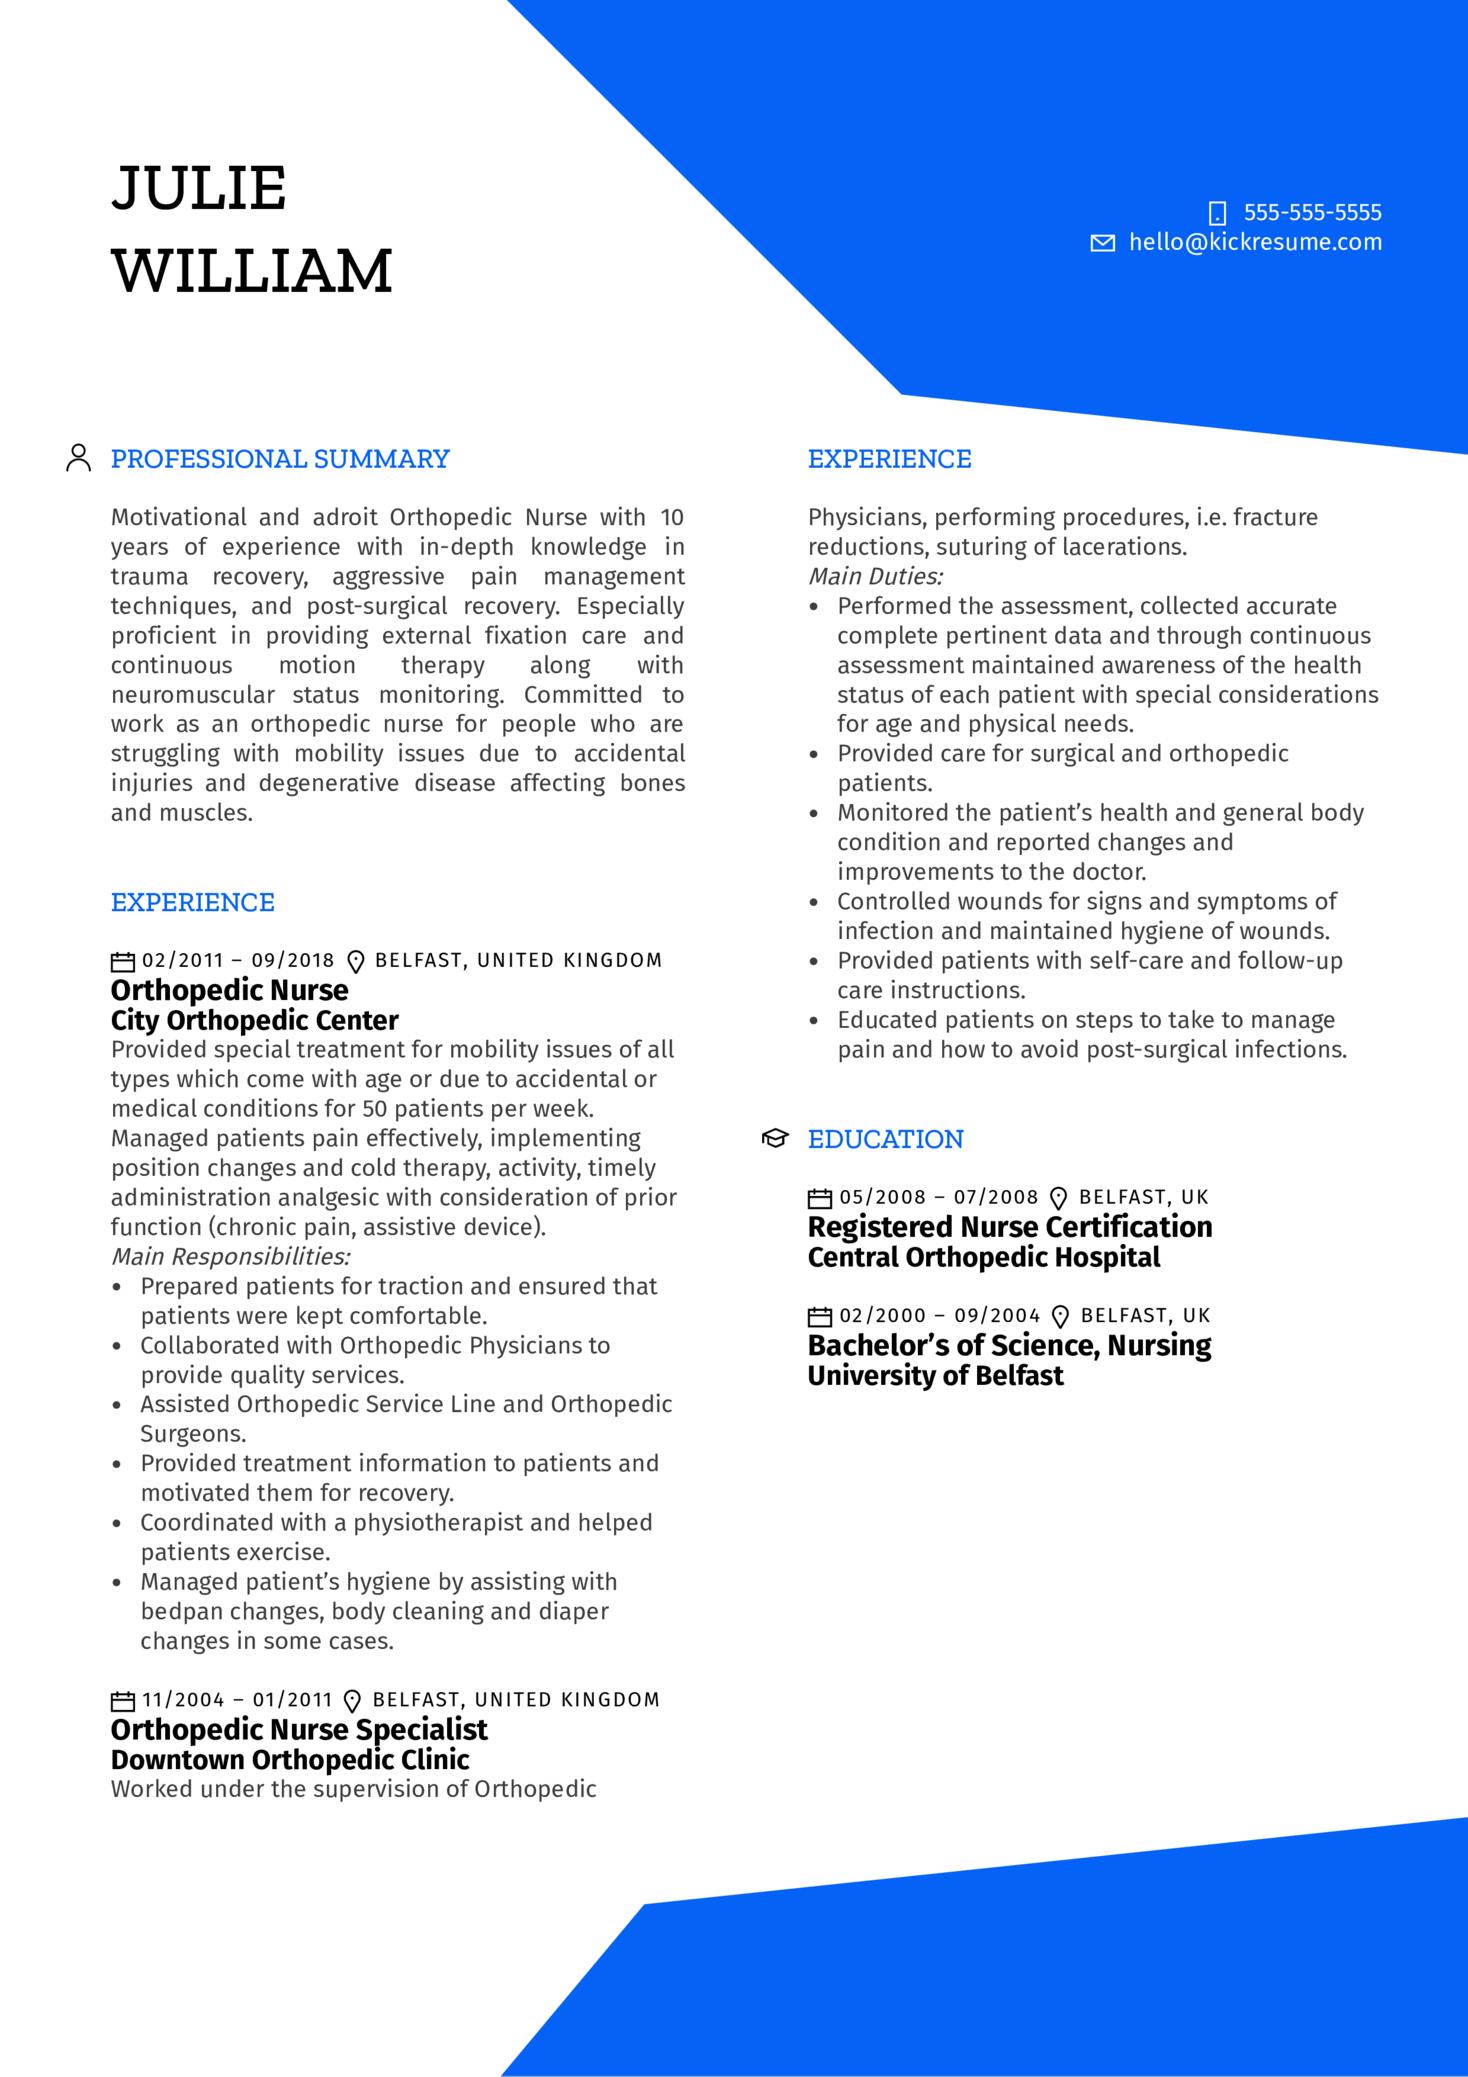 Orthopedic Nurse Resume Example (časť 1)